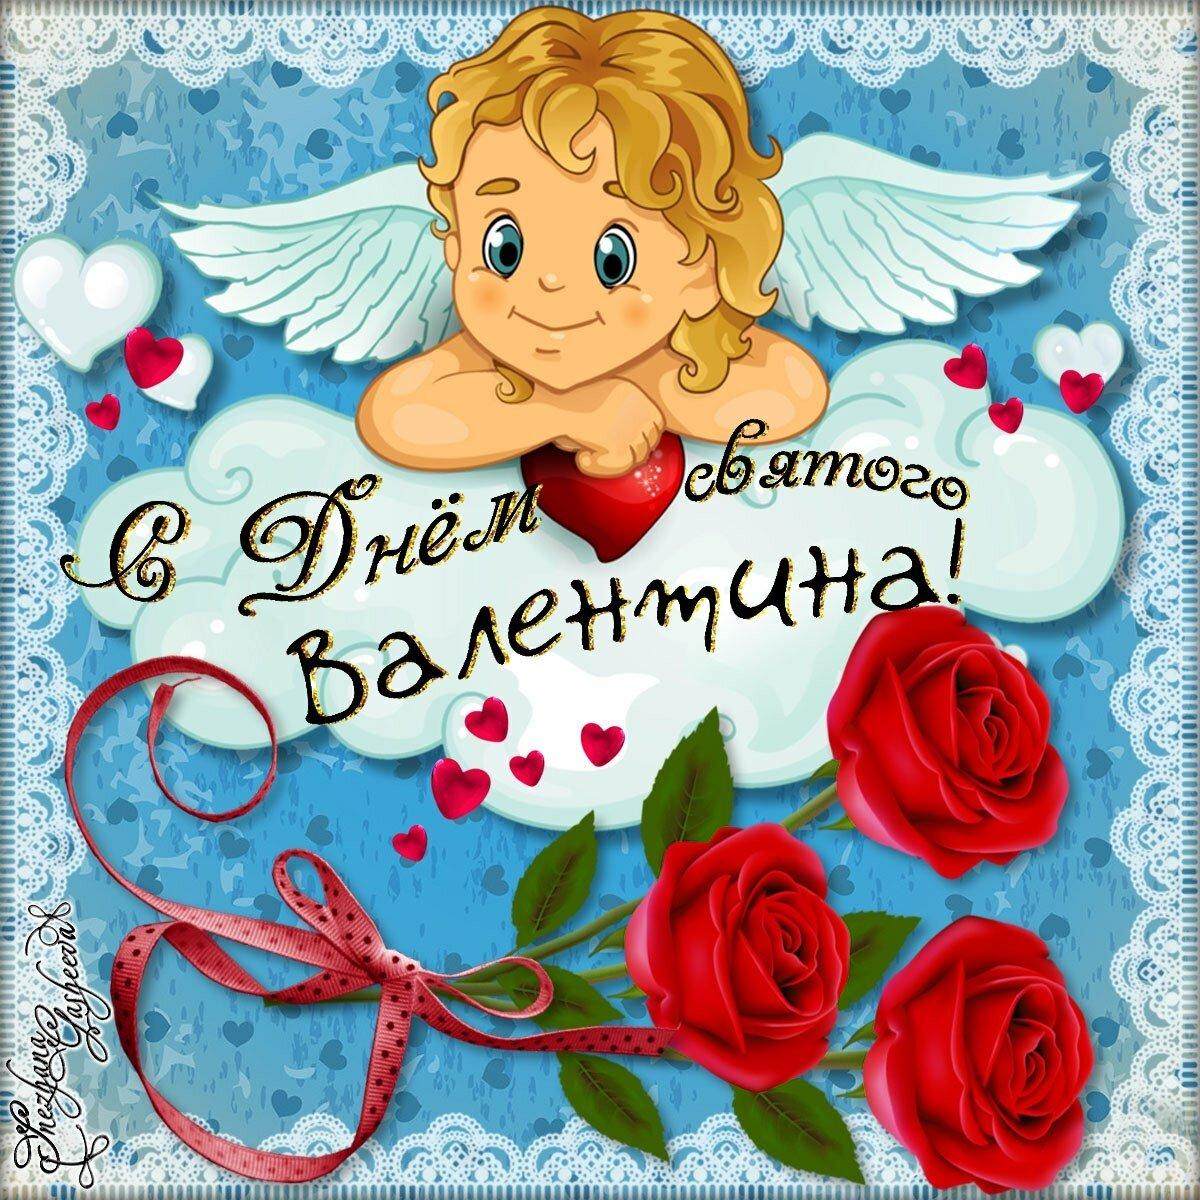 Ноября, день святого валентина поздравление картинки